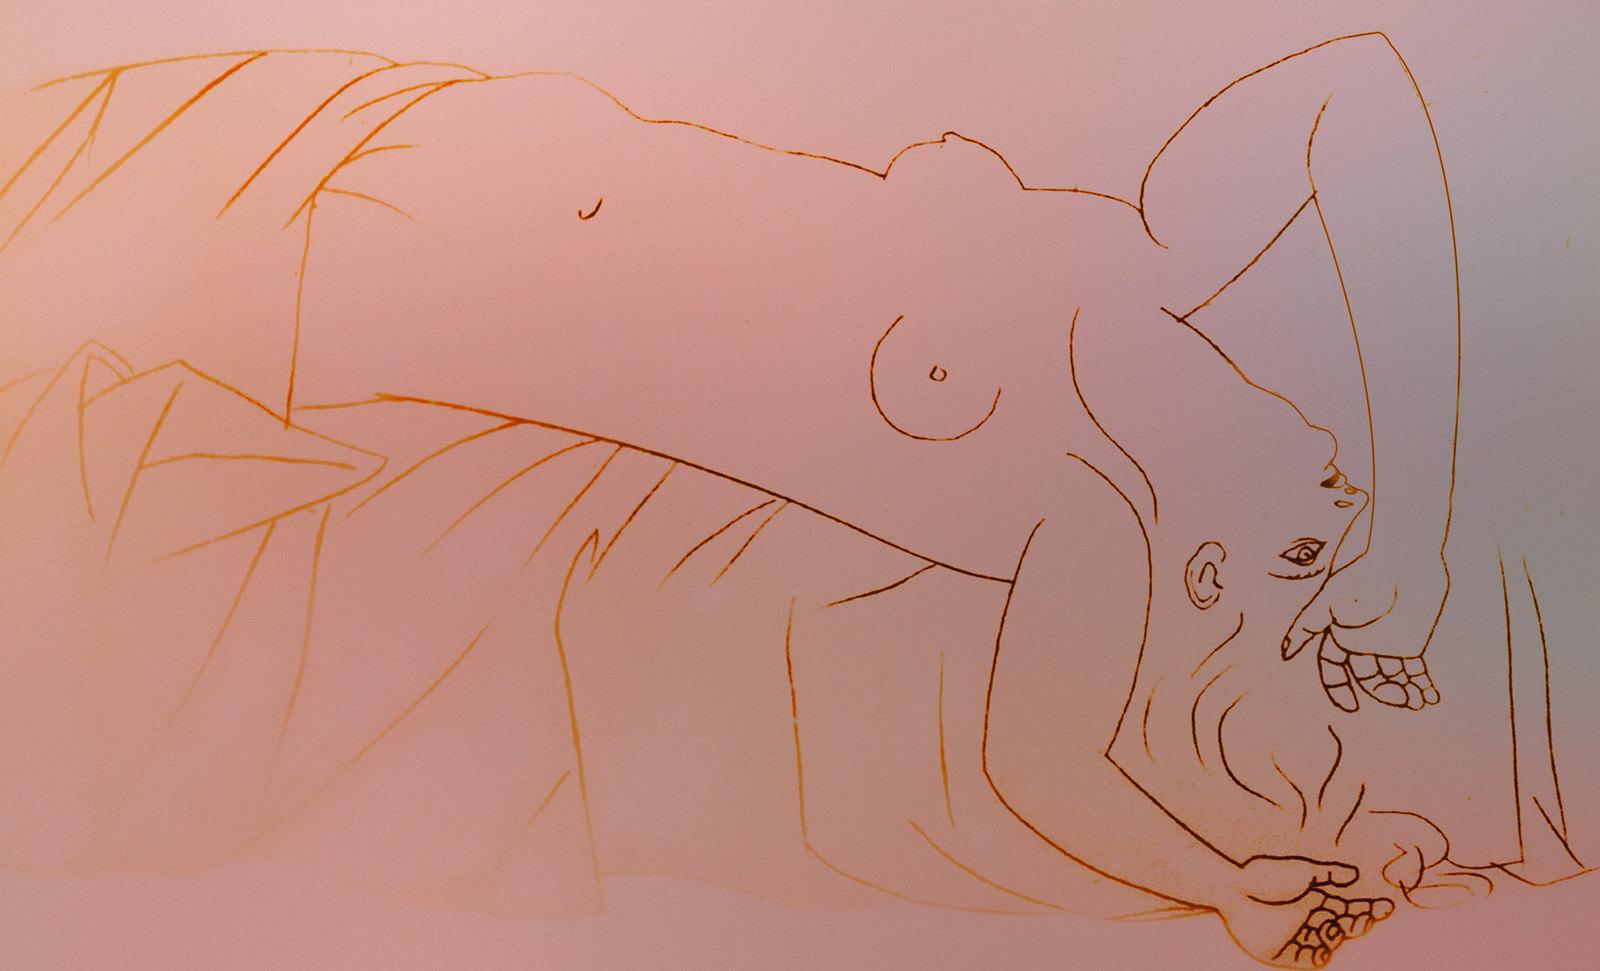 080Pablo Picasso